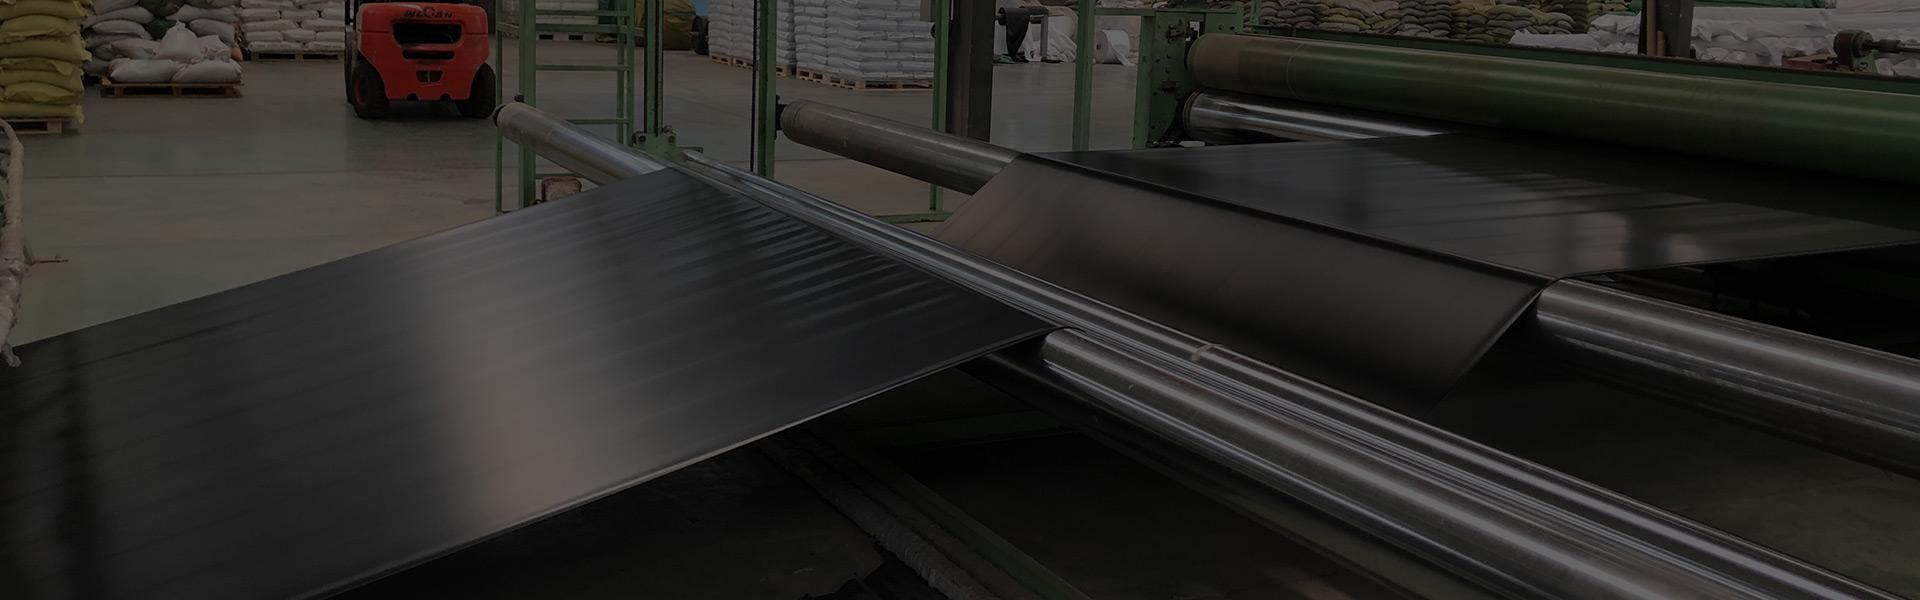 钢筋窄间隙焊技术在水电站工程中的应用